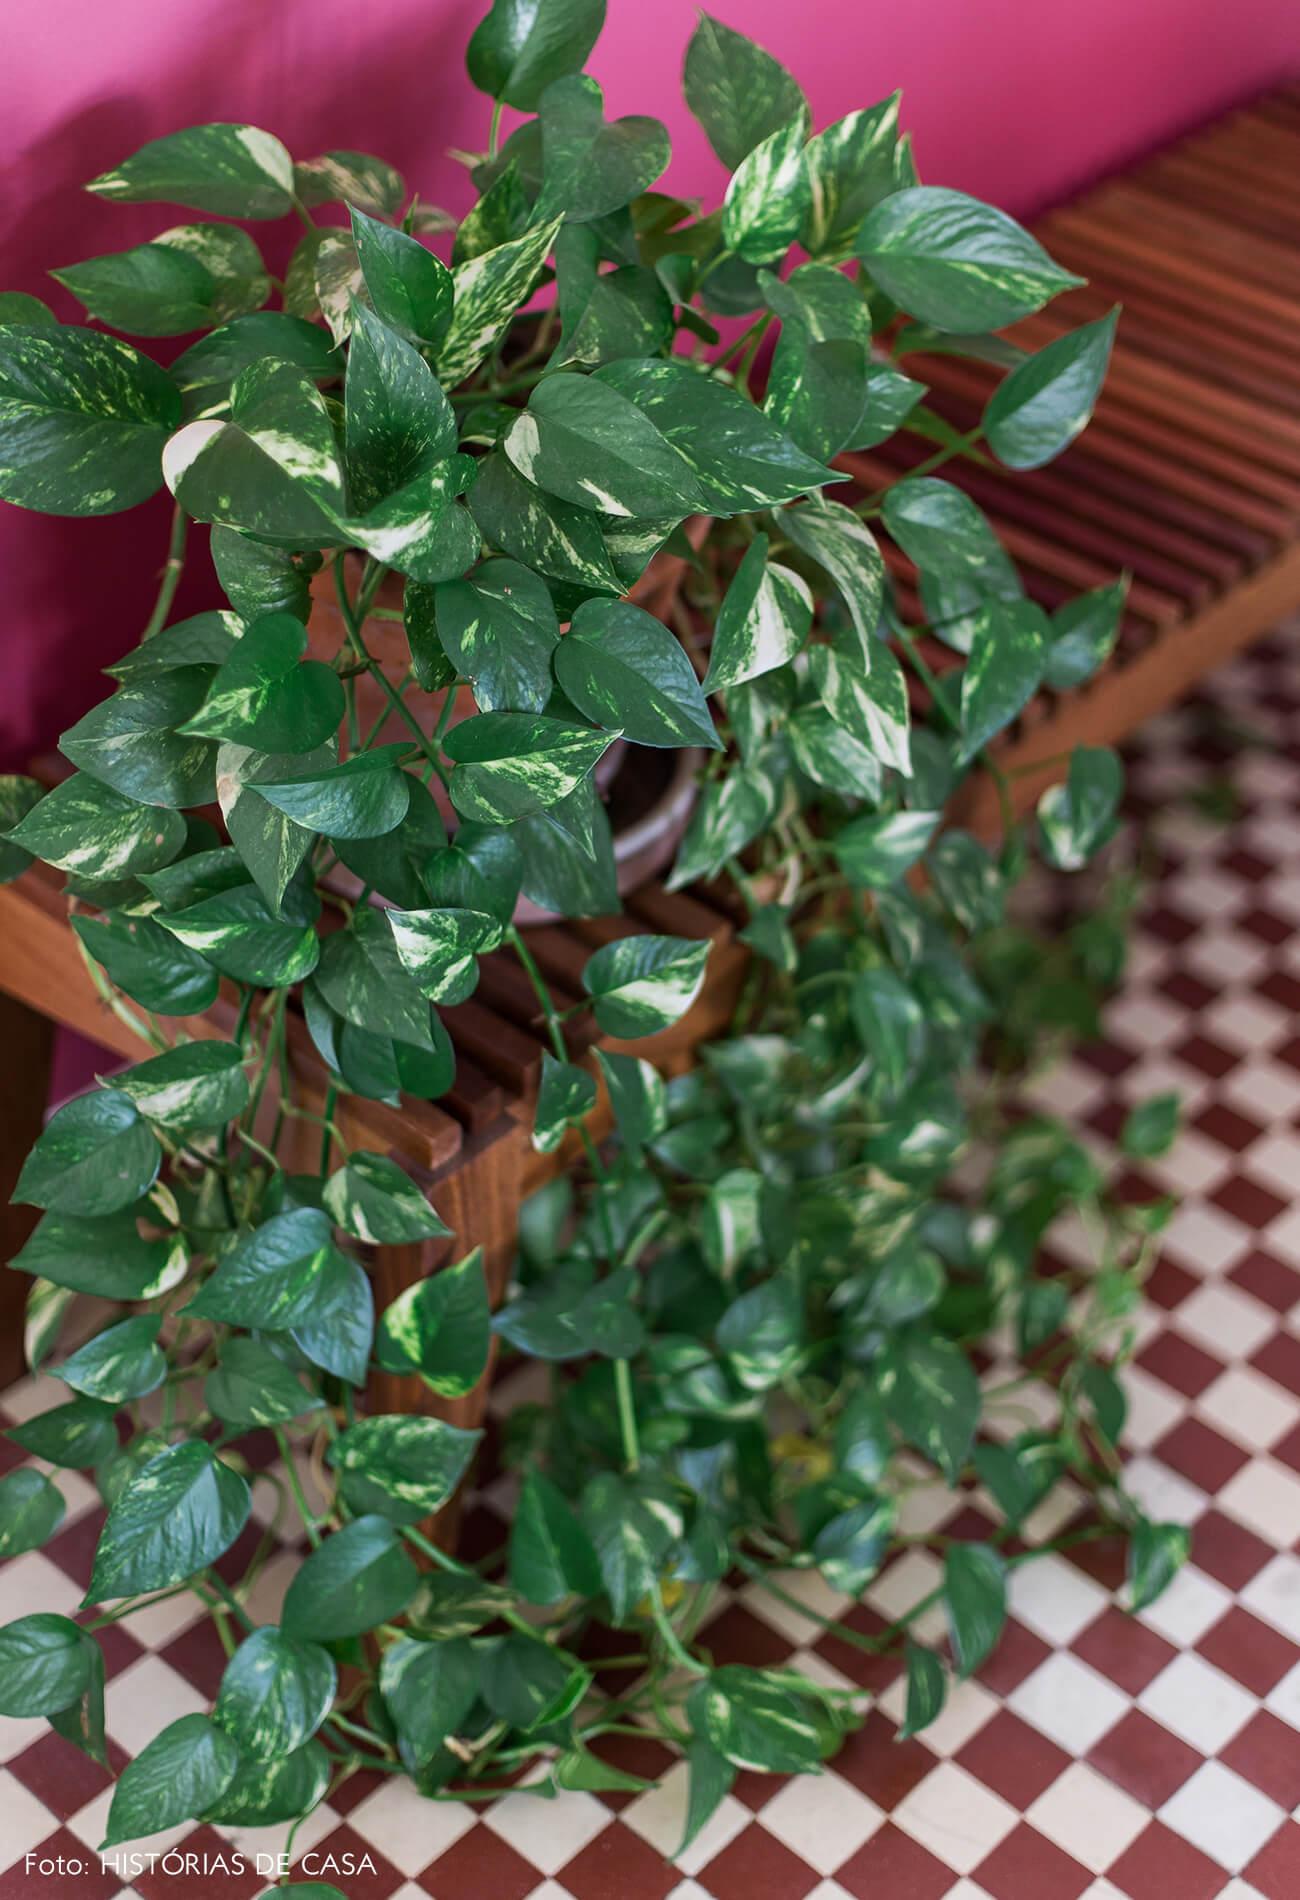 Apartamento com plantas, jiboia pendente